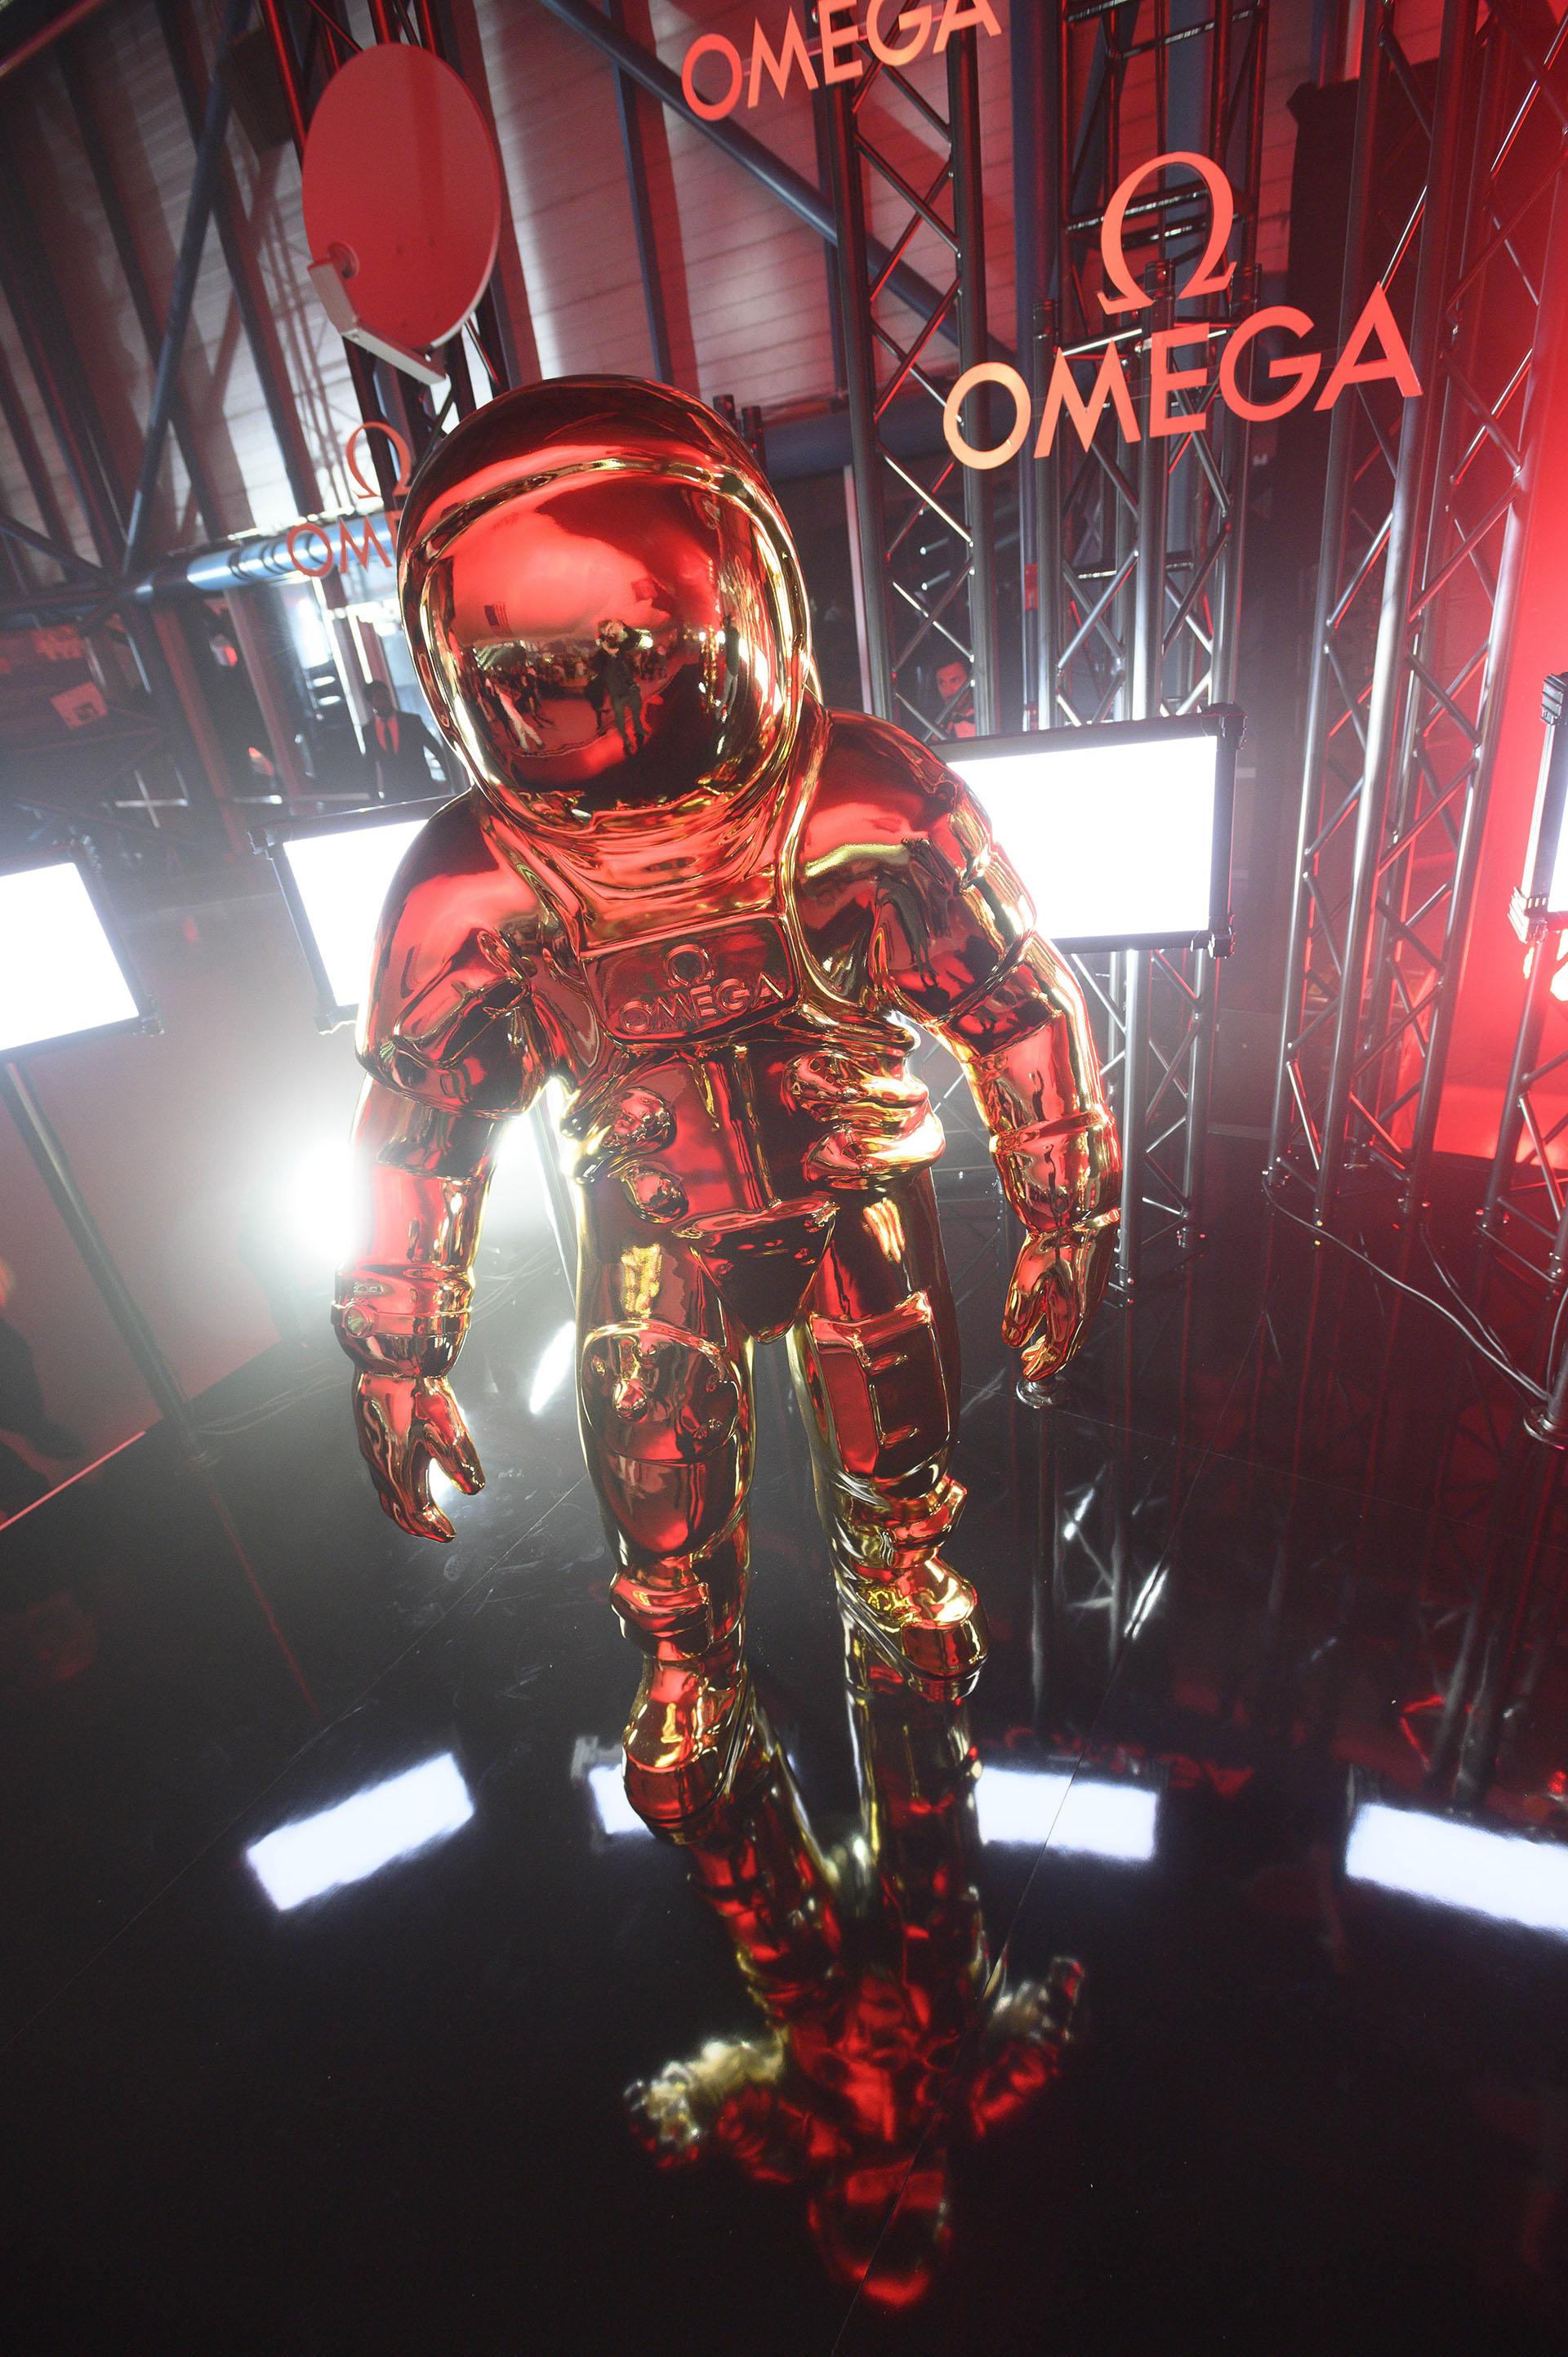 Se trató de una reunión de grandes personalidades en el Centro Espacial Kennedy de Florida, que contó con la presencia de actores y astronautas para rendir homenaje a la misión que hizo historia